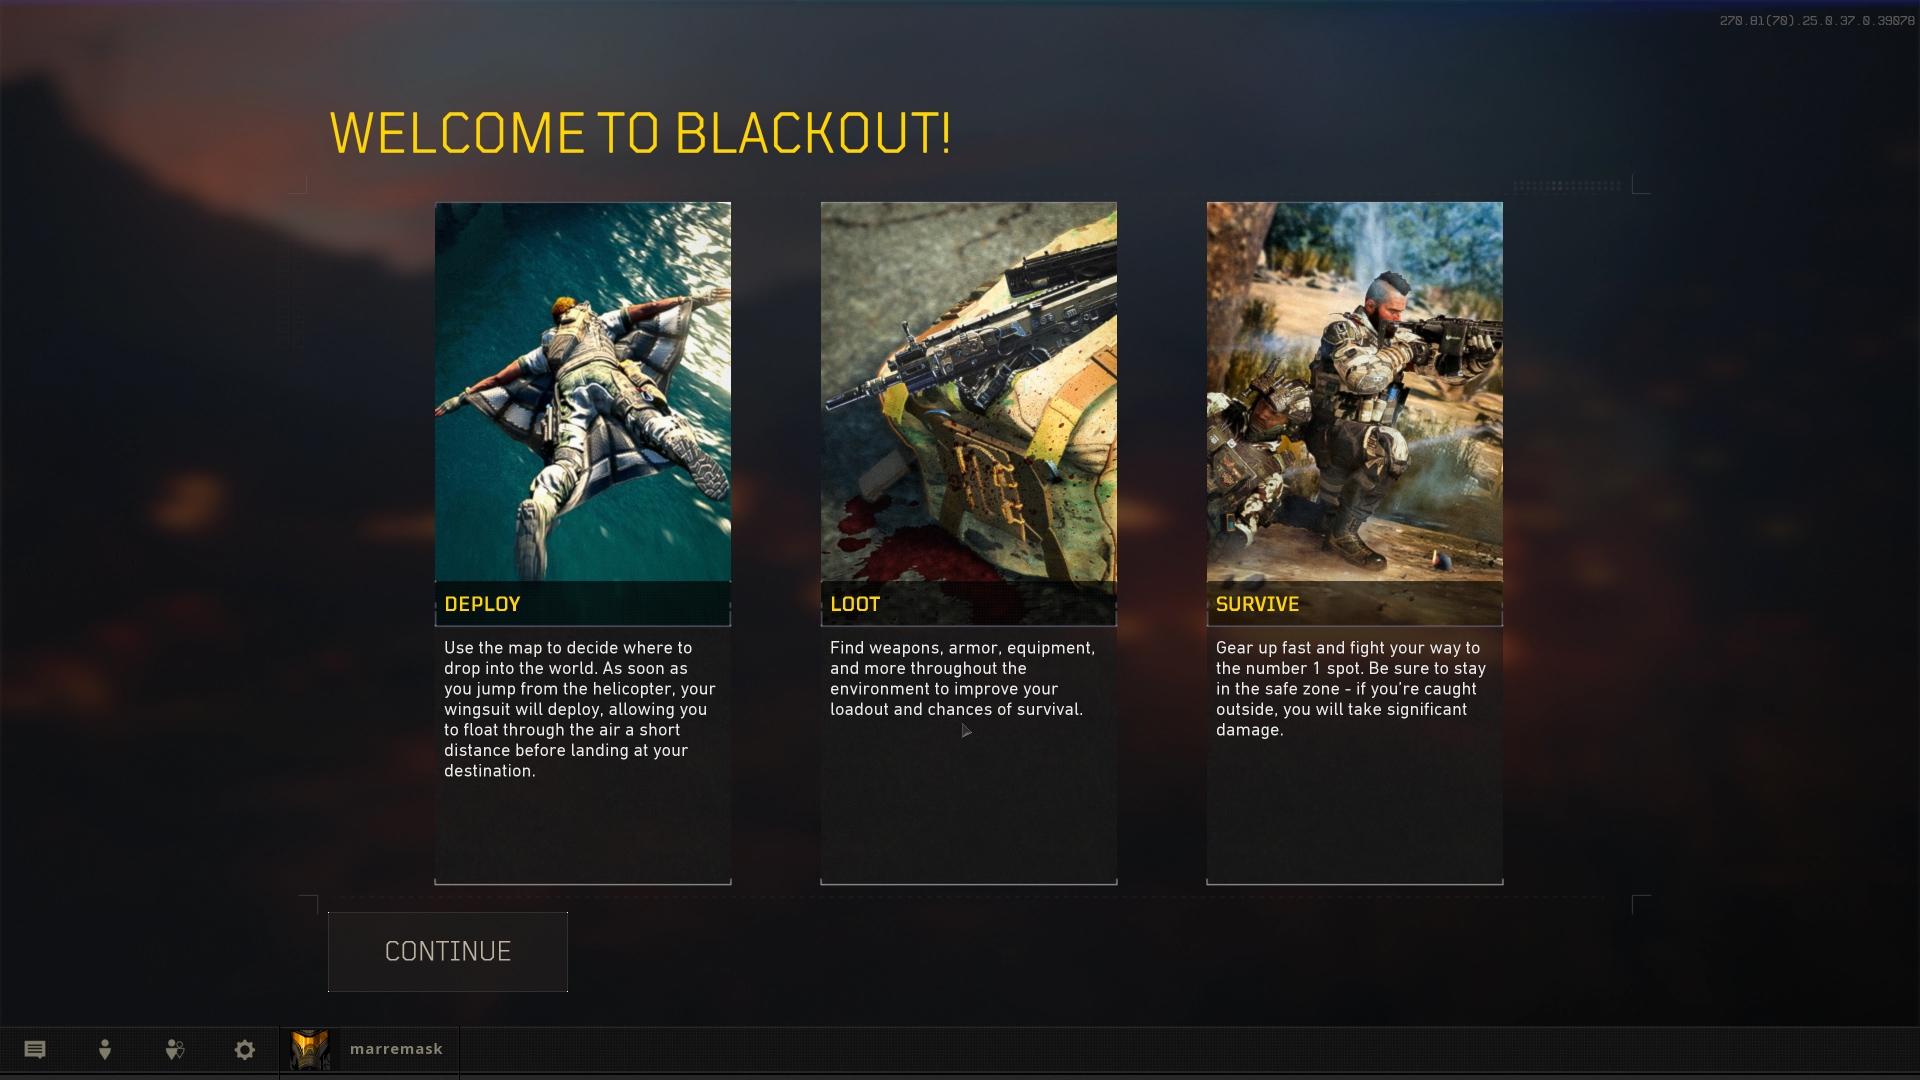 Call of Duty  Black Ops 4 2018.12.29 - 16.53.47.05 Blackout.00_00_11_01.Still001.jpg